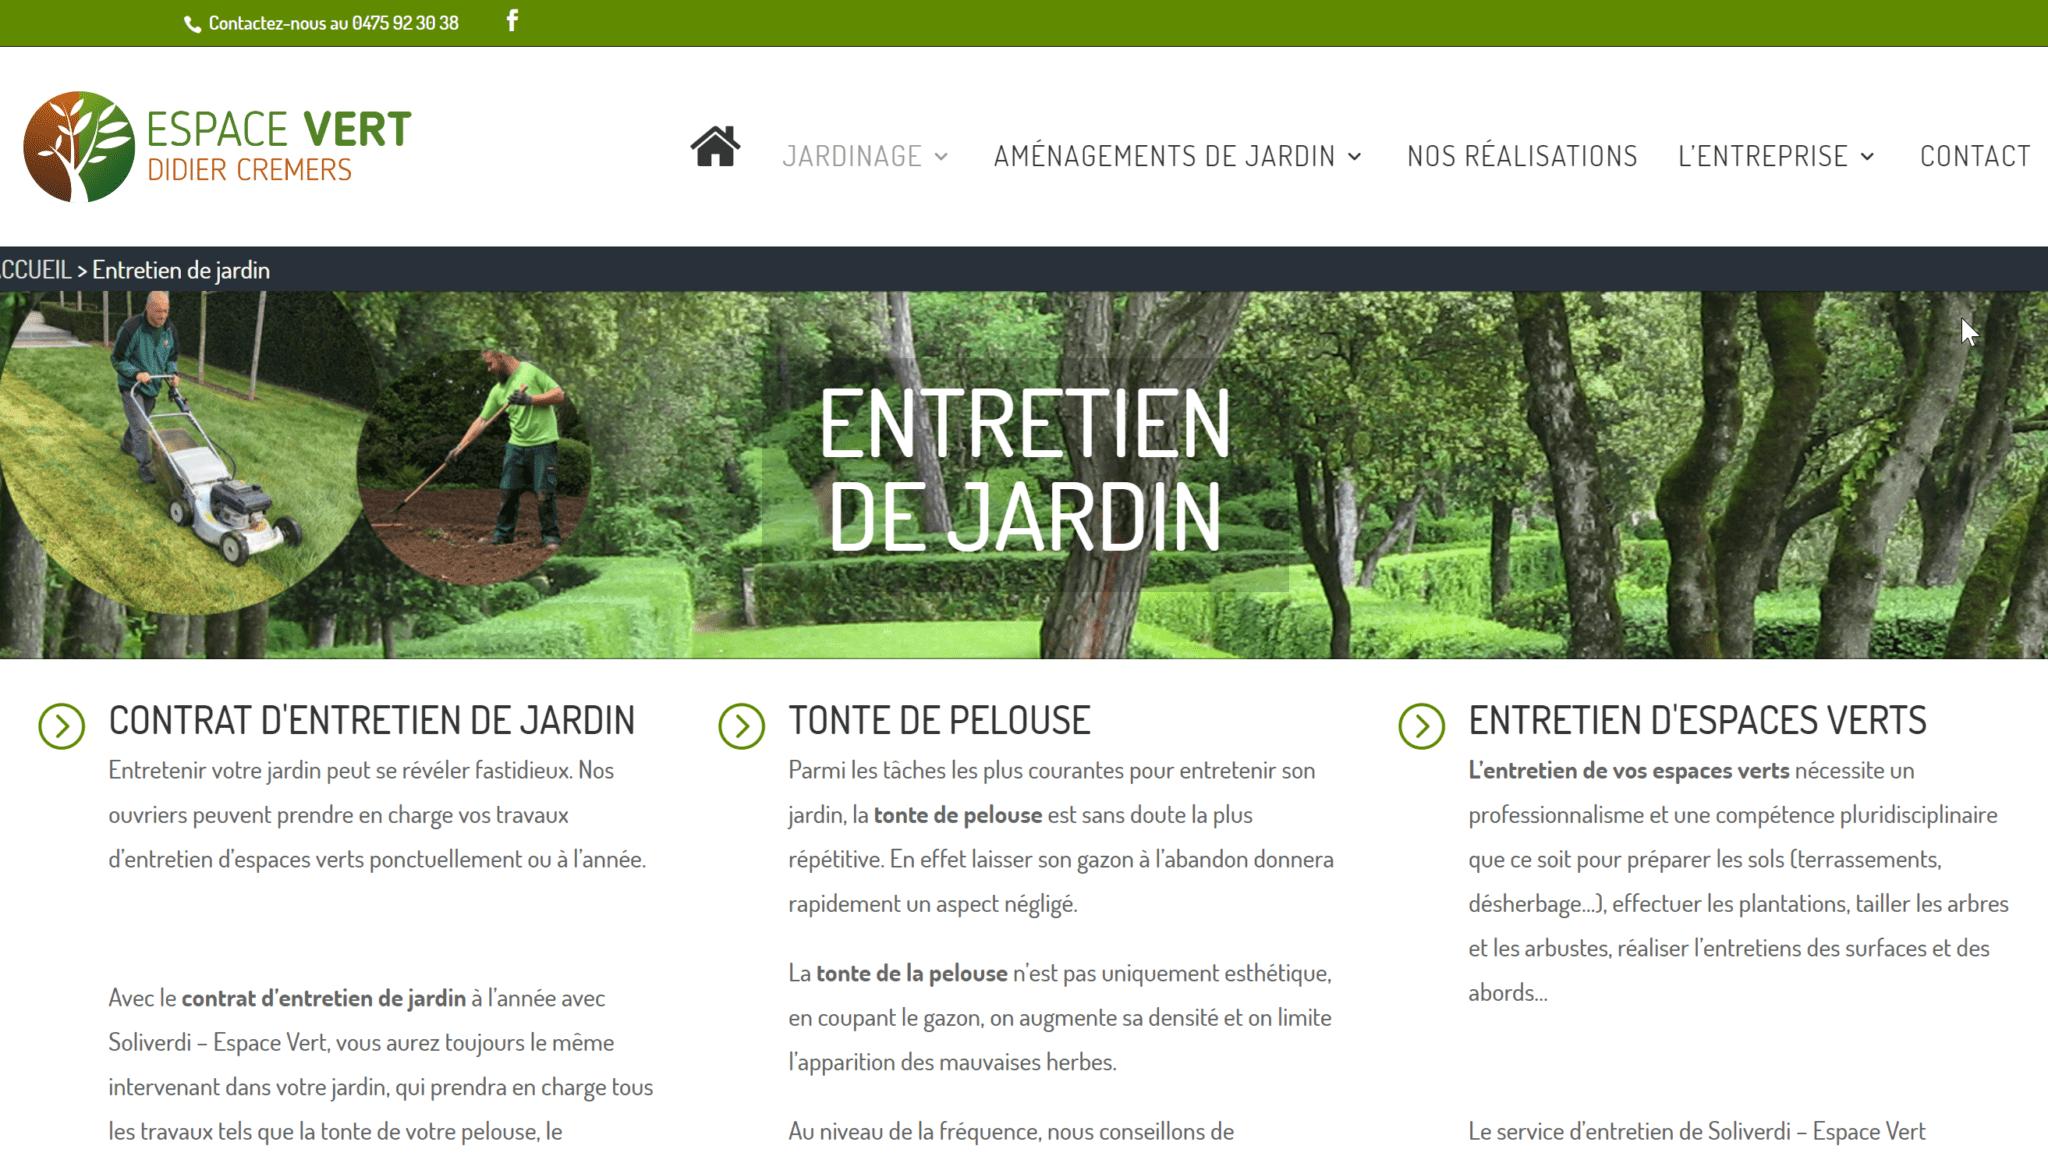 Création site Internet Soliverdi – Espace Vert